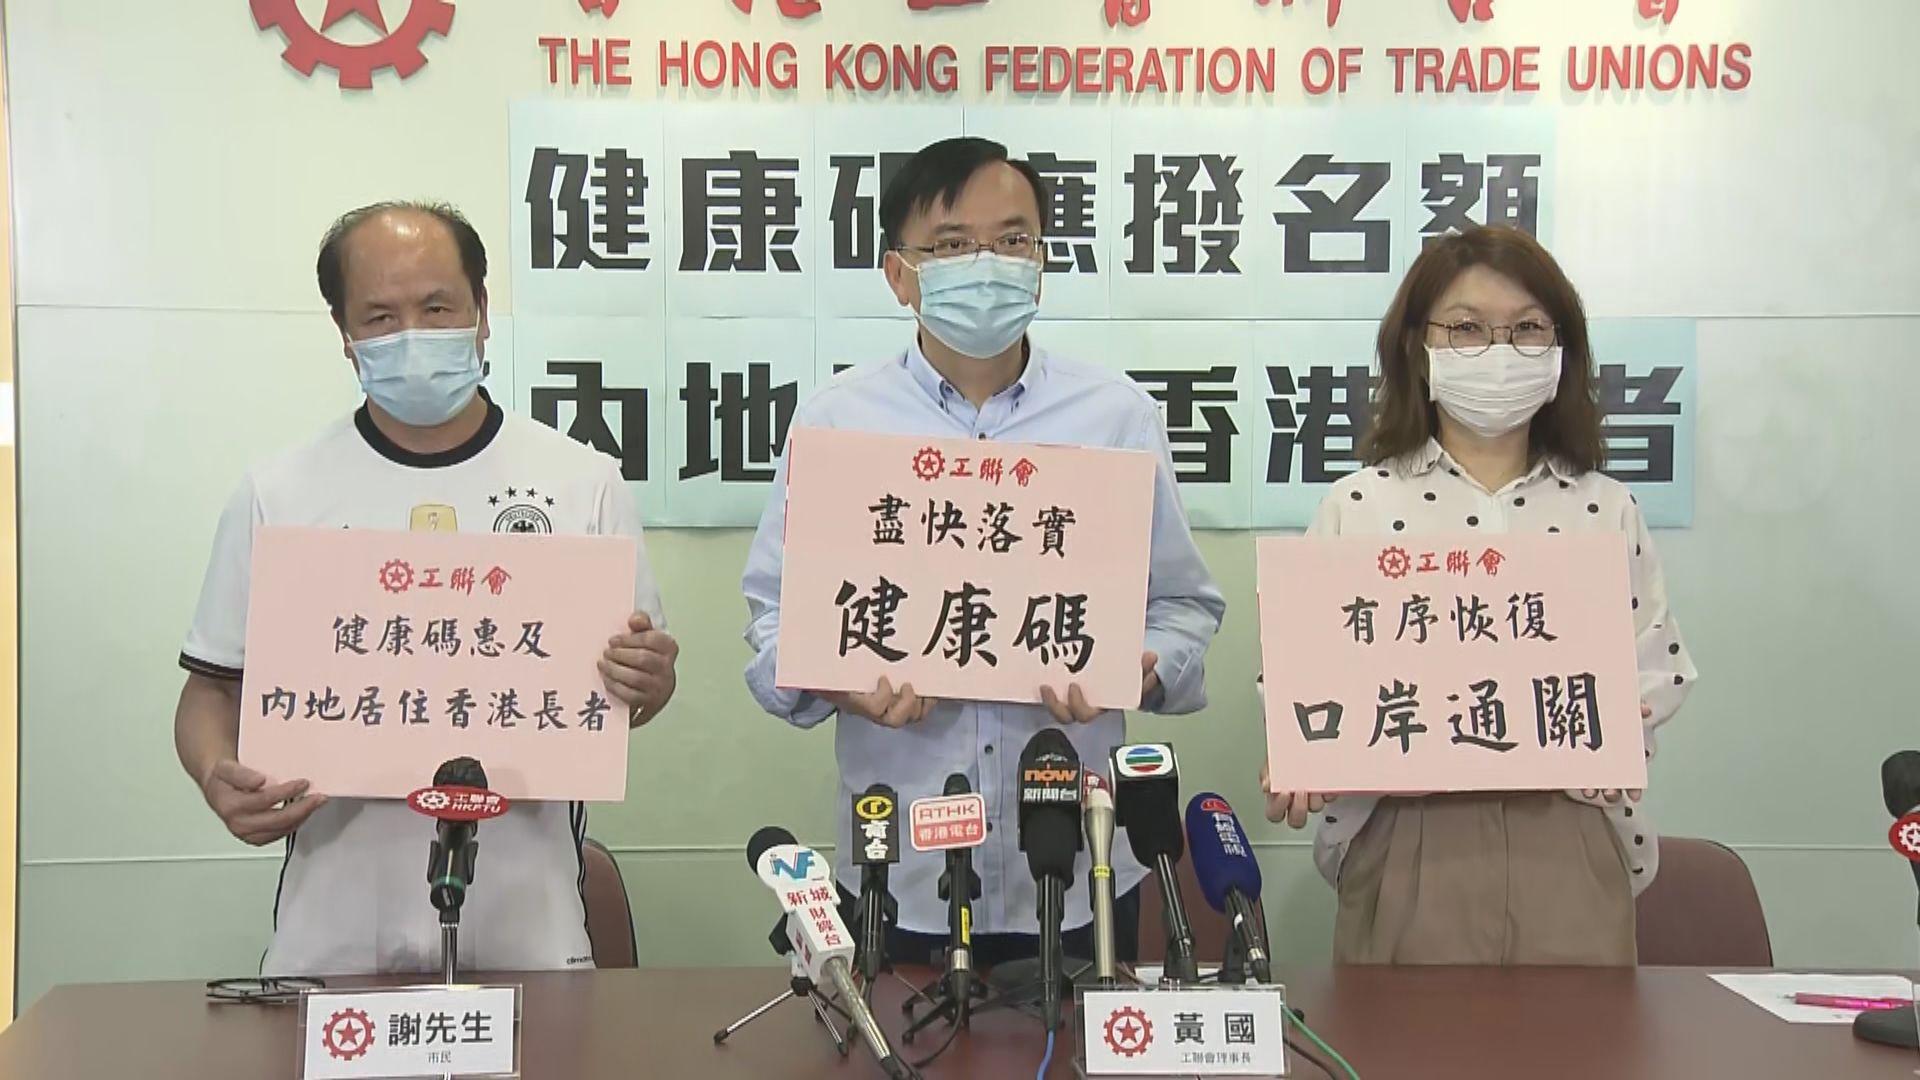 工聯會促落實健康碼互認通關 先納入居內地香港長者